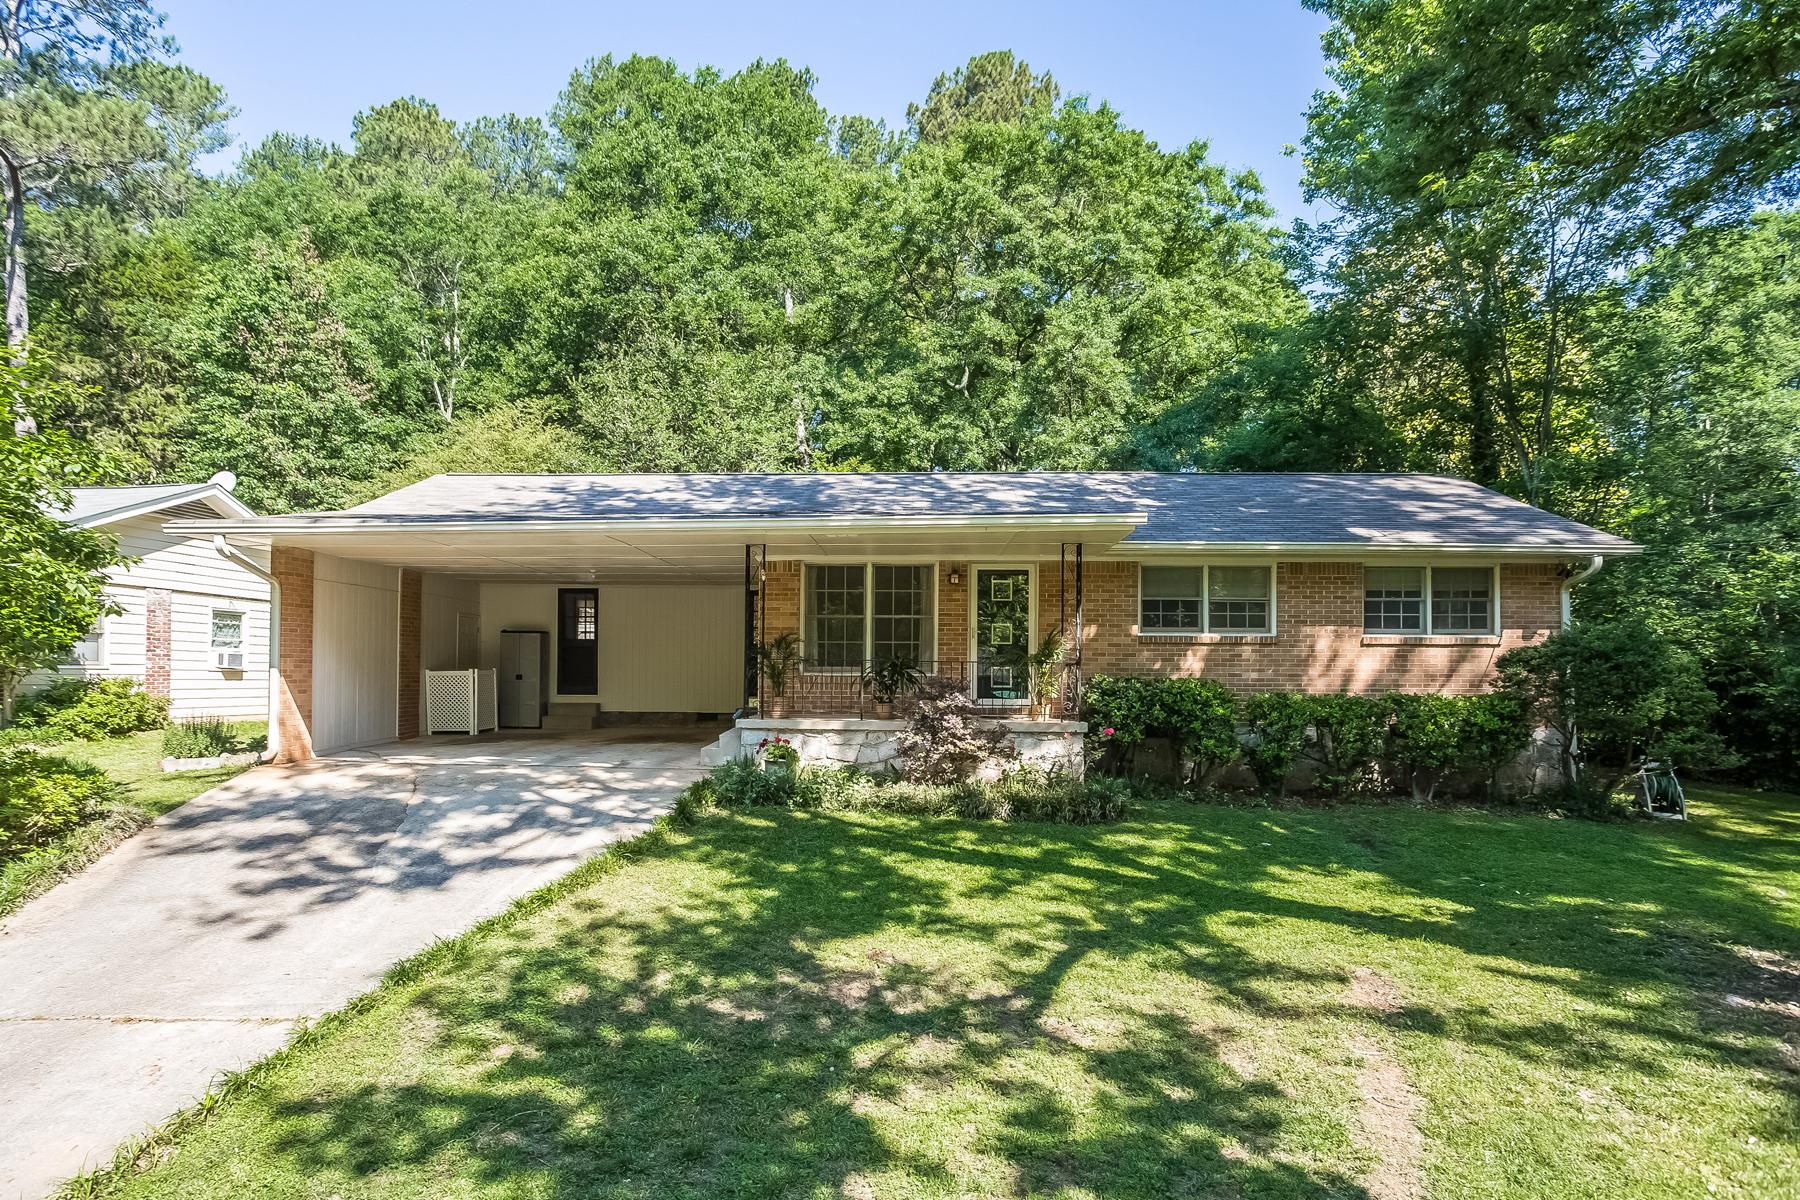 Casa para uma família para Venda às Charming, Well Maintained Mid-Century Ranch 2904 Concord Drive Decatur, Geórgia, 30033 Estados Unidos